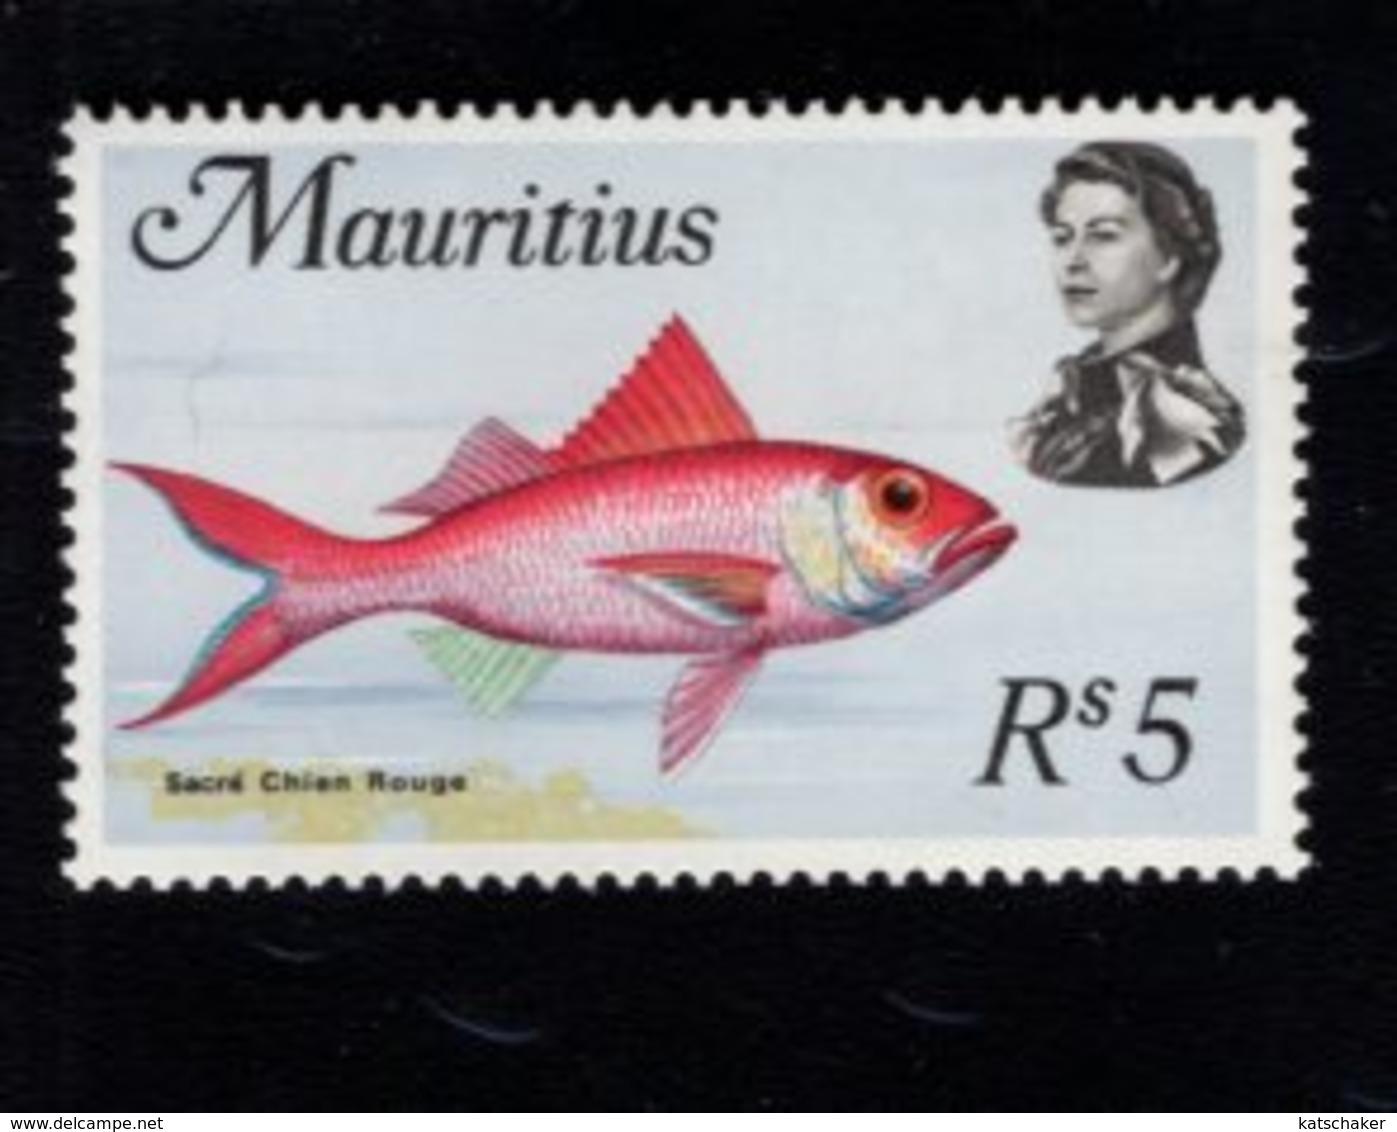 744285572 POSTFRIS  MINT NEVER HINGED EINWANDFREI SCOTT 355 MARINE LIFE - Mauritanie (1960-...)